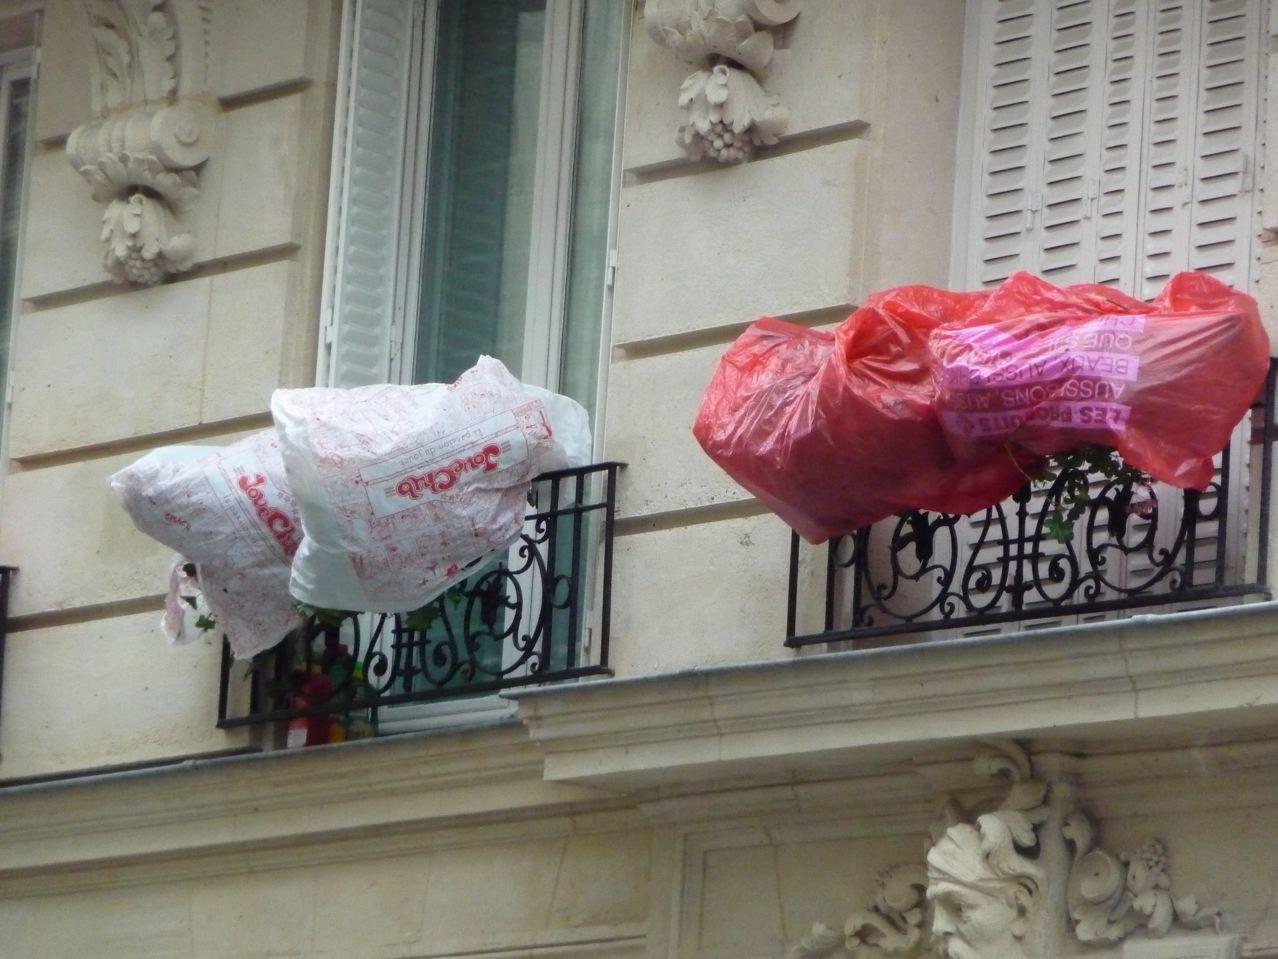 Protection hivernale des potées de plantes frileuses dans Paris